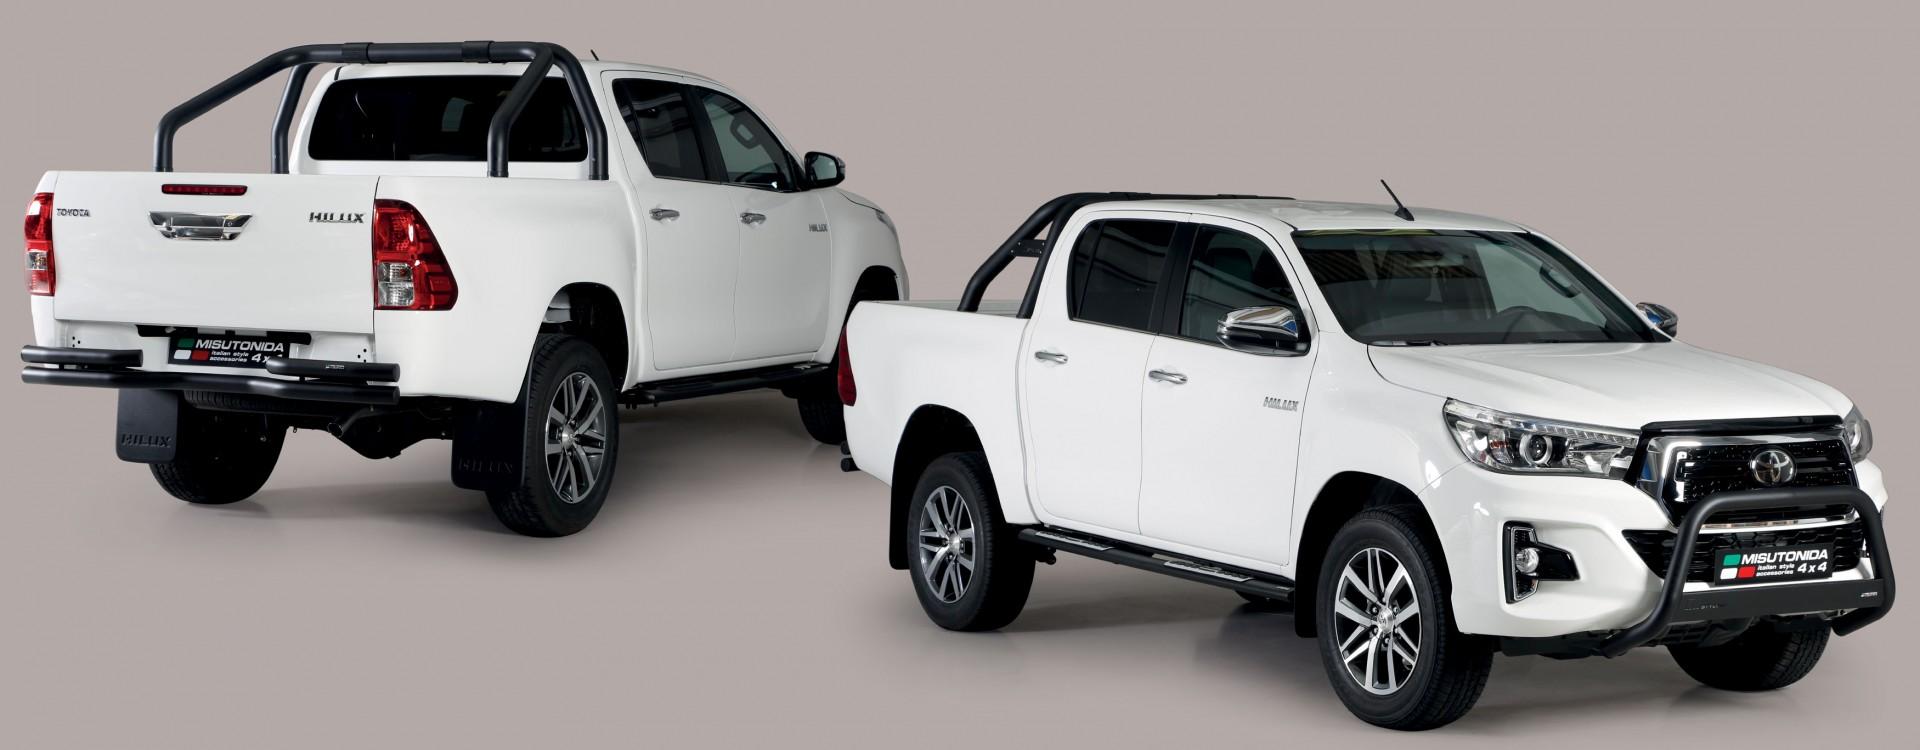 Toyota Hi Lux D.C. 2019>